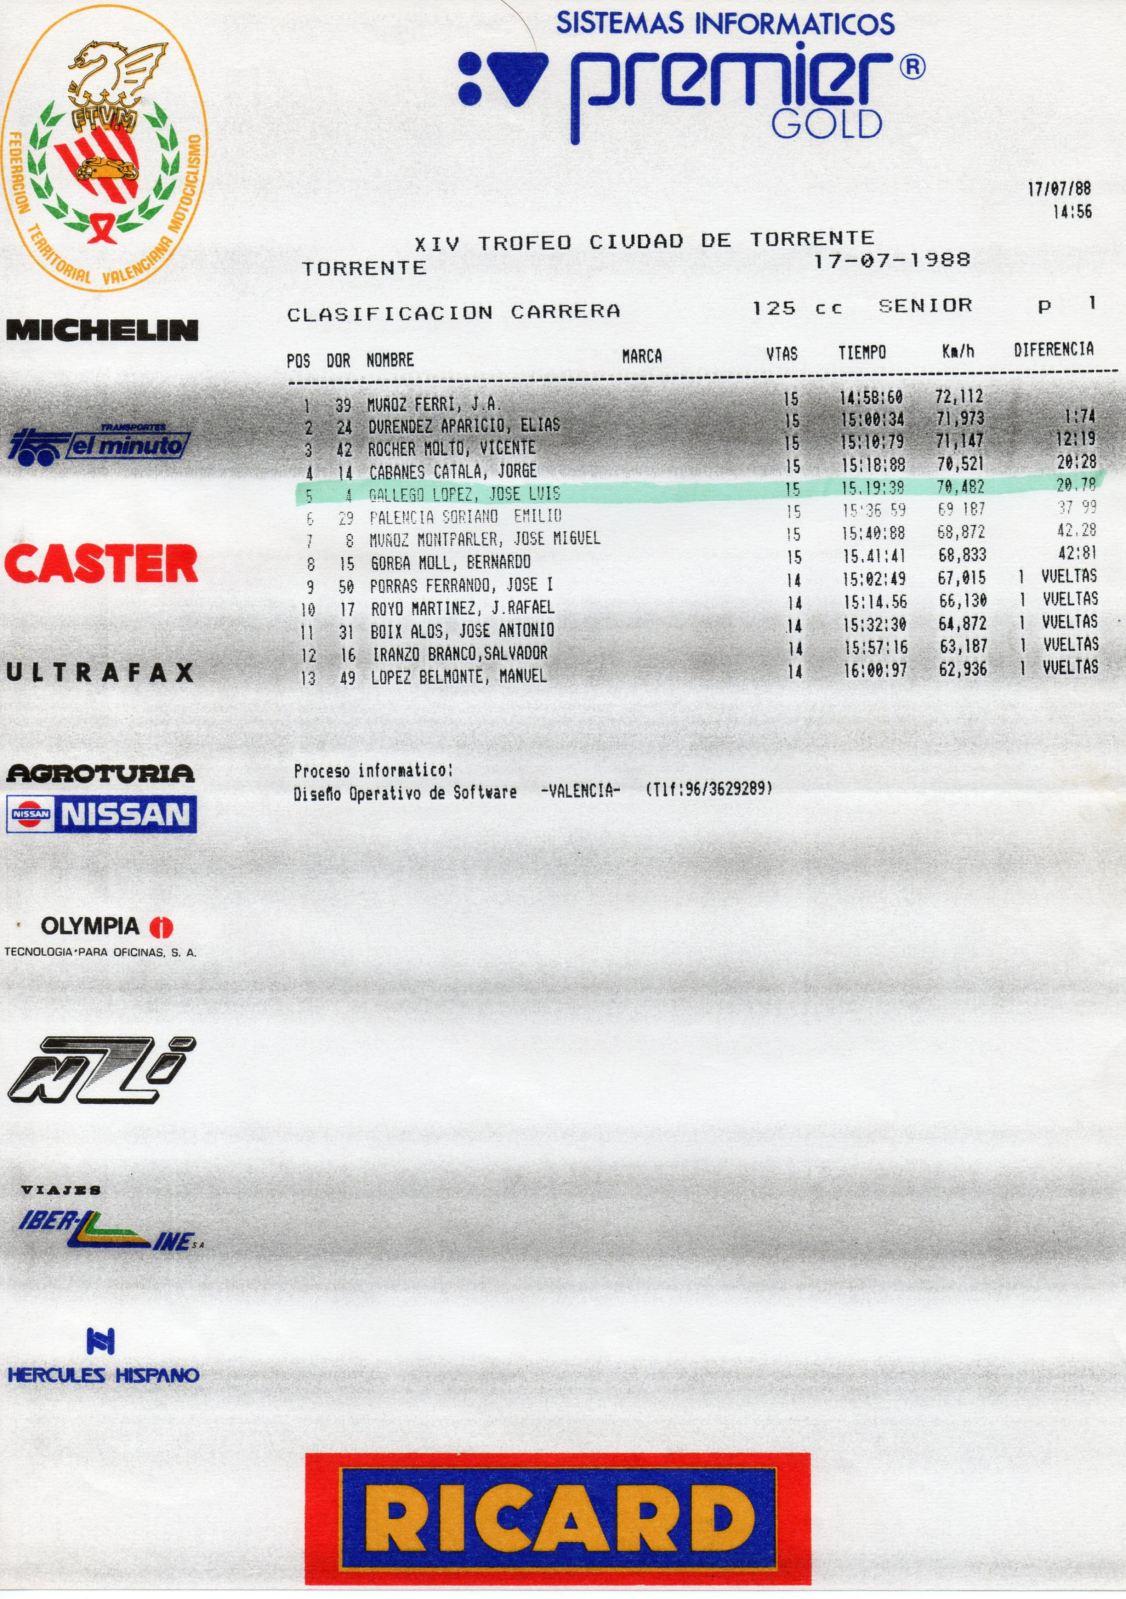 Antiguos pilotos: José Luis Gallego (V) 2n7p1xu